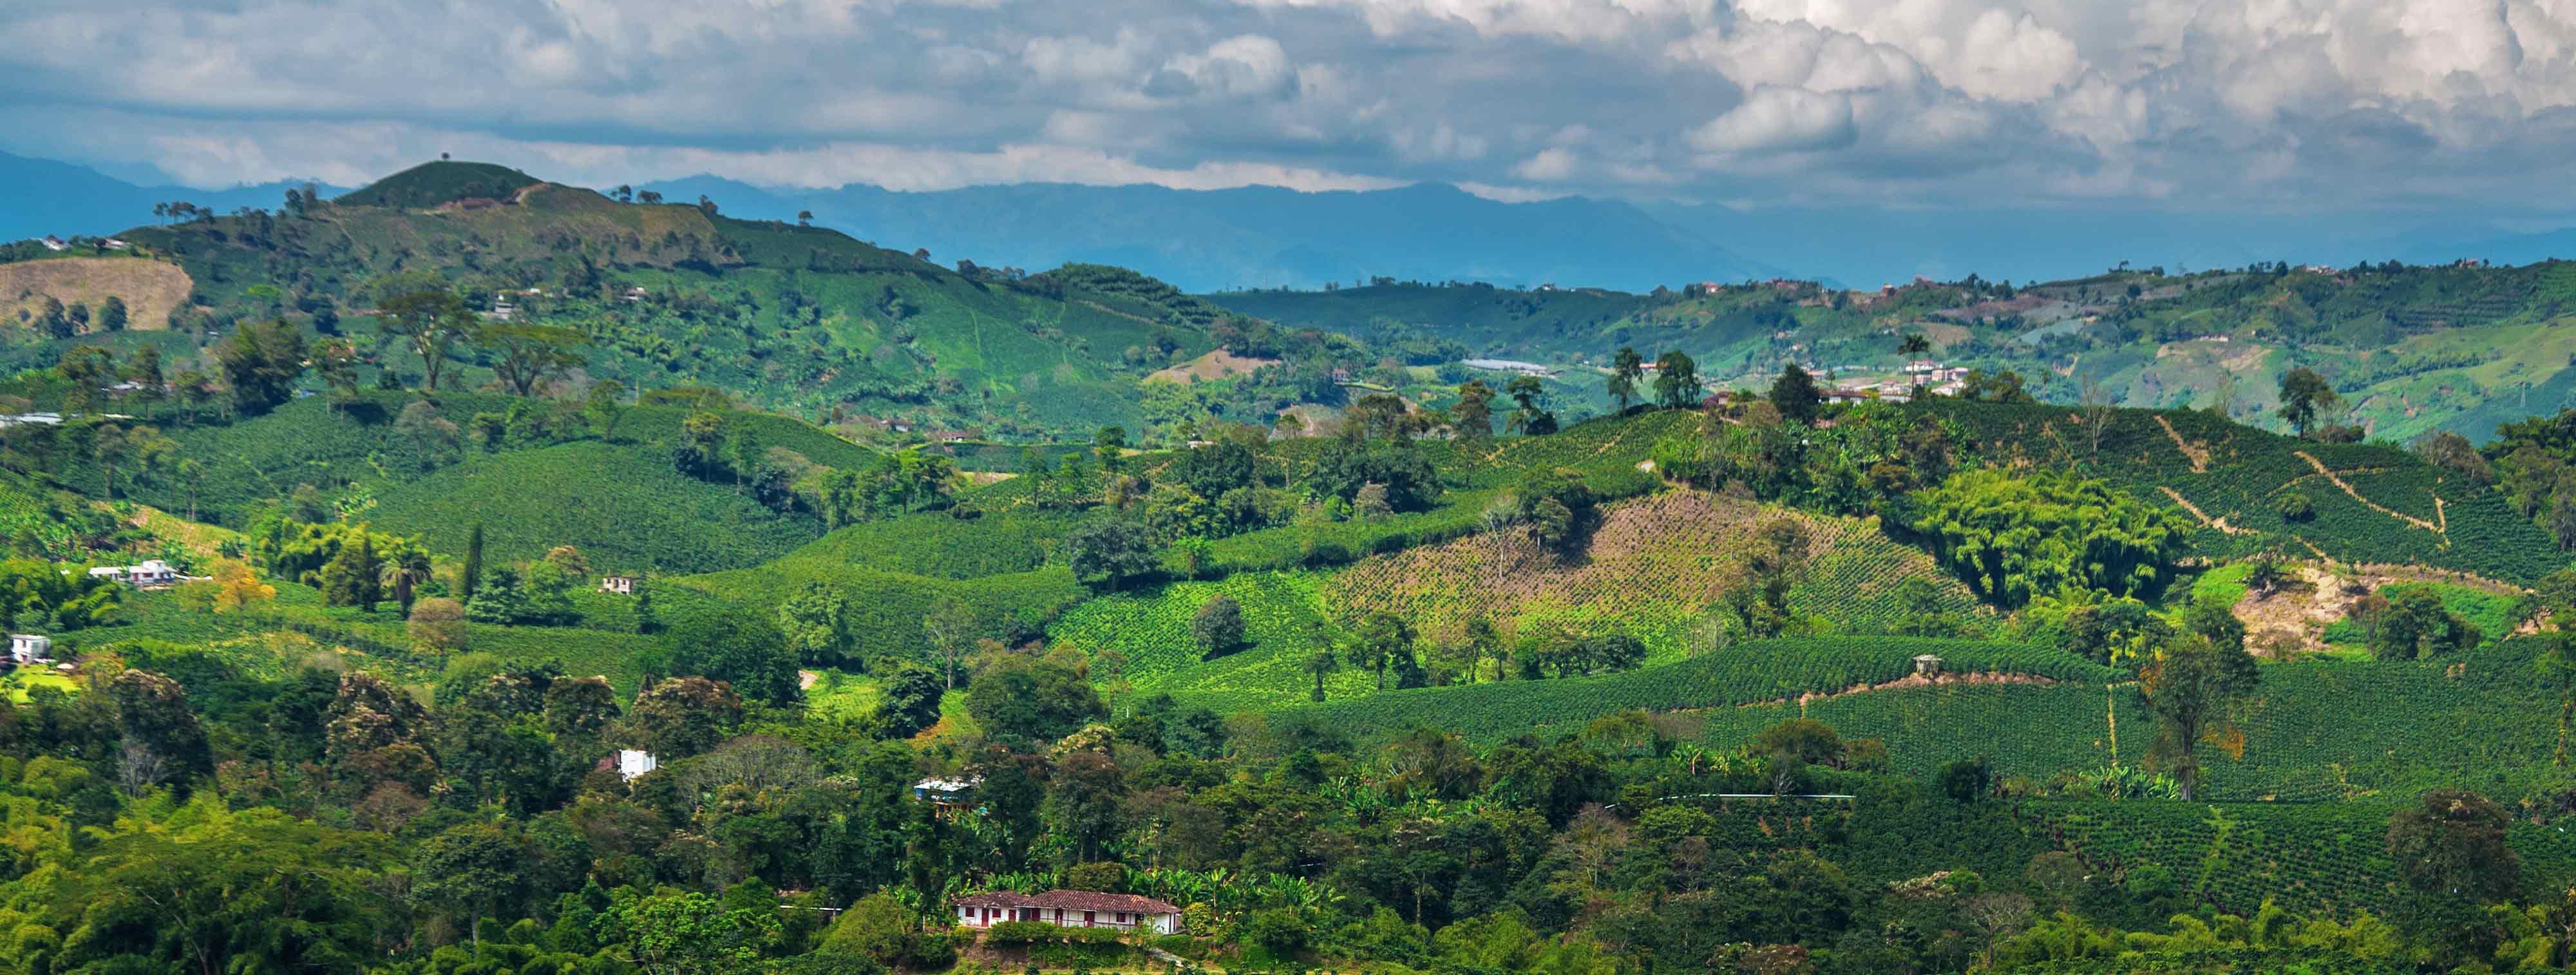 meilleurs sites de rencontres en Colombie type de personnalité du site de rencontre